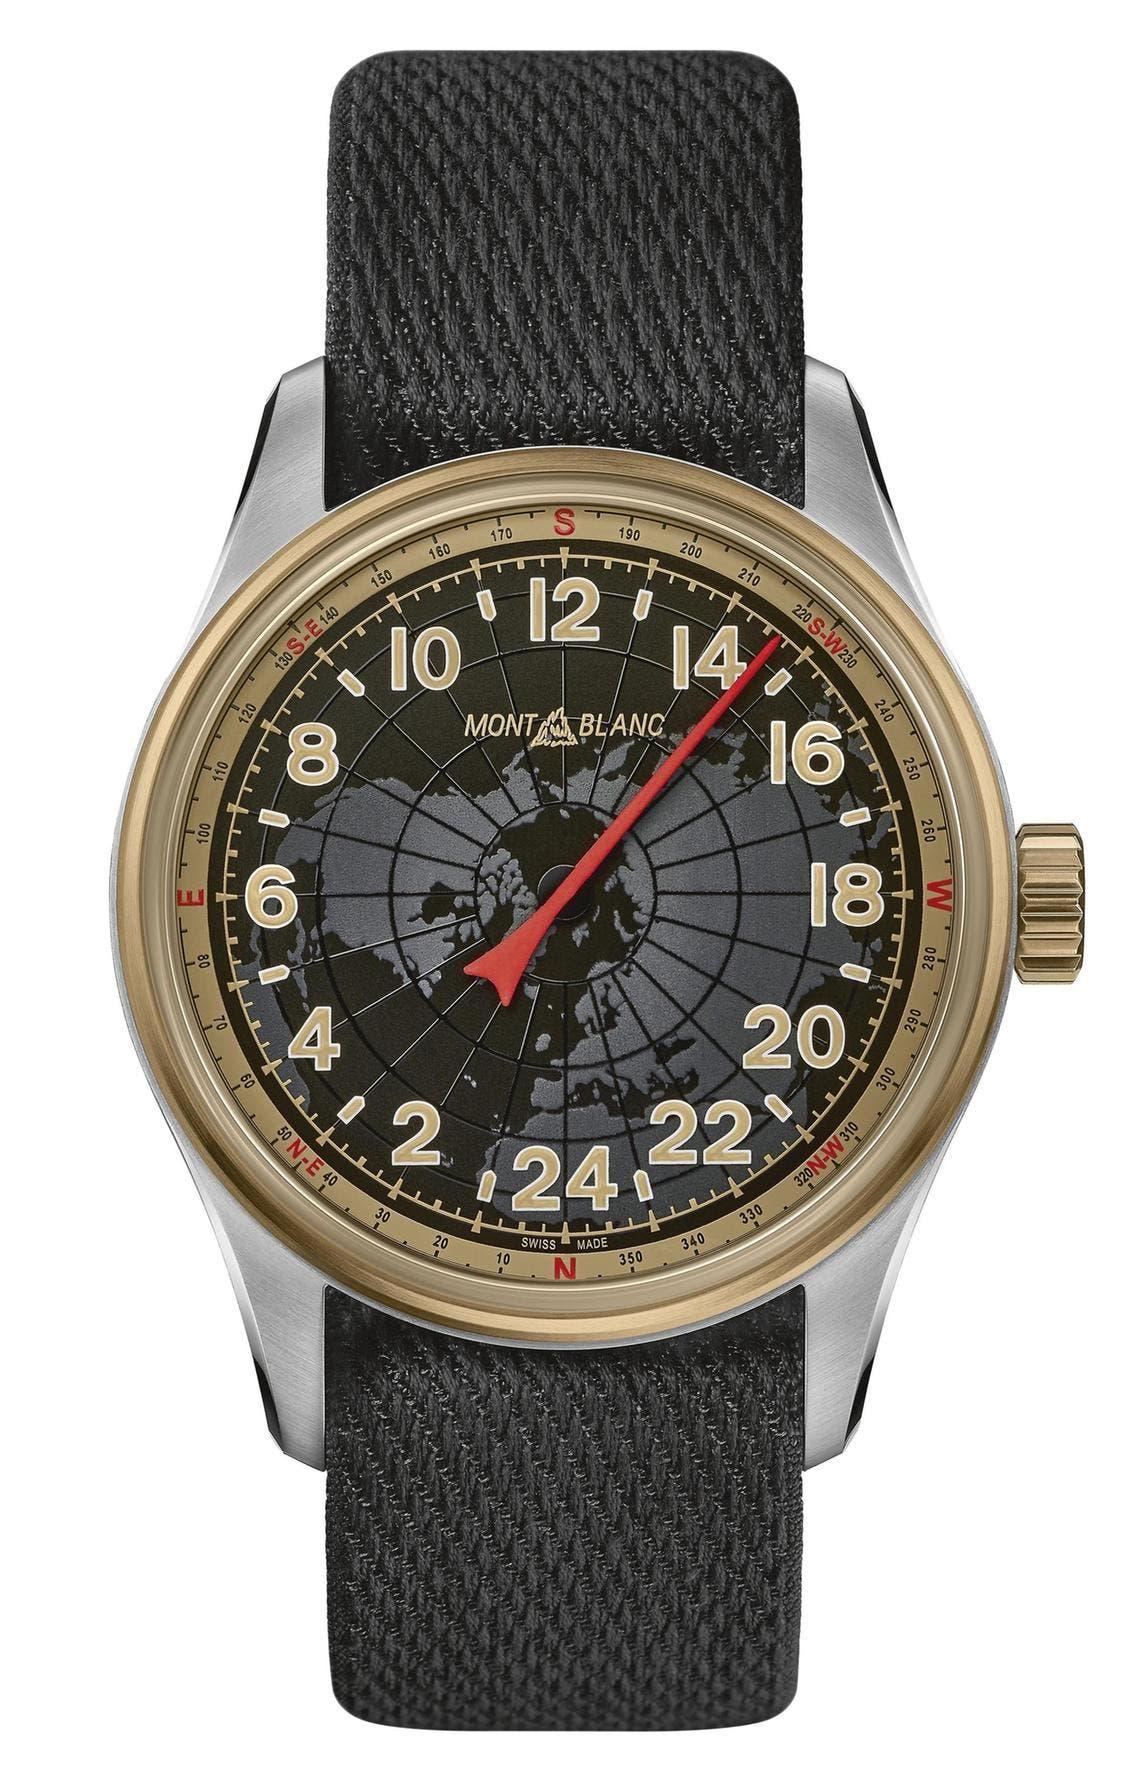 ساعة 1858 أوتوماتيك من مون بلان